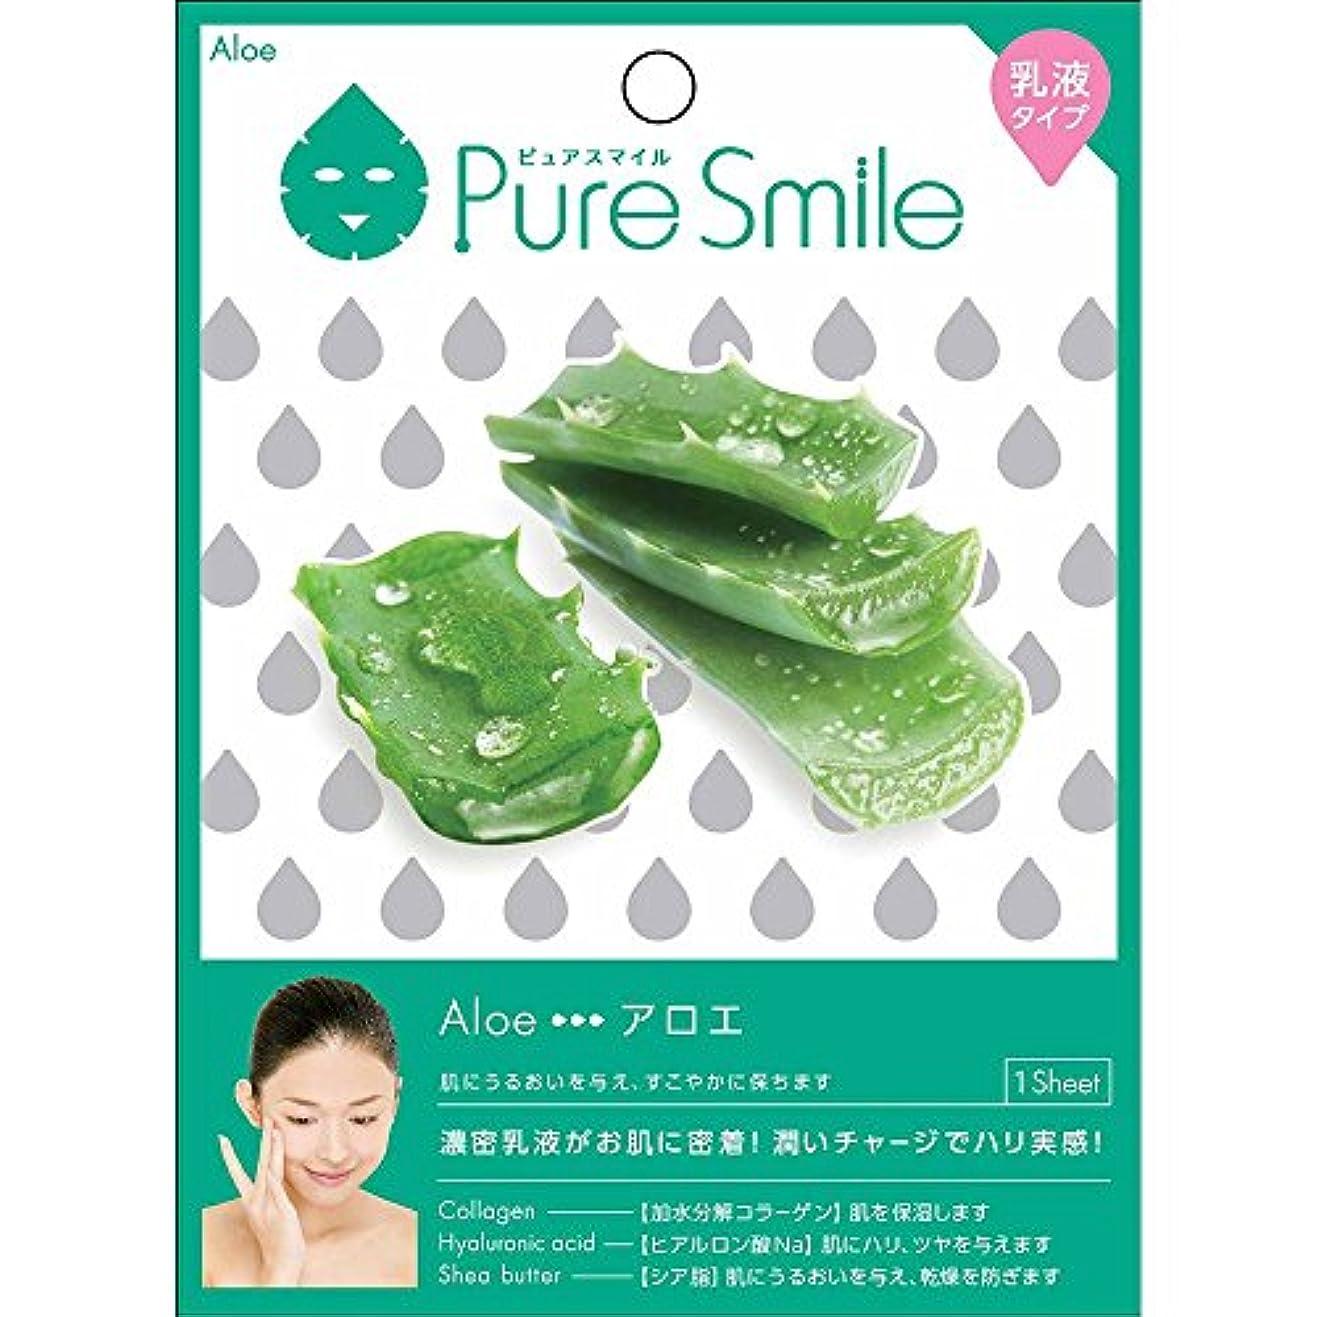 タオル価値童謡Pure Smile(ピュアスマイル) 乳液エッセンスマスク 1 枚 アロエ